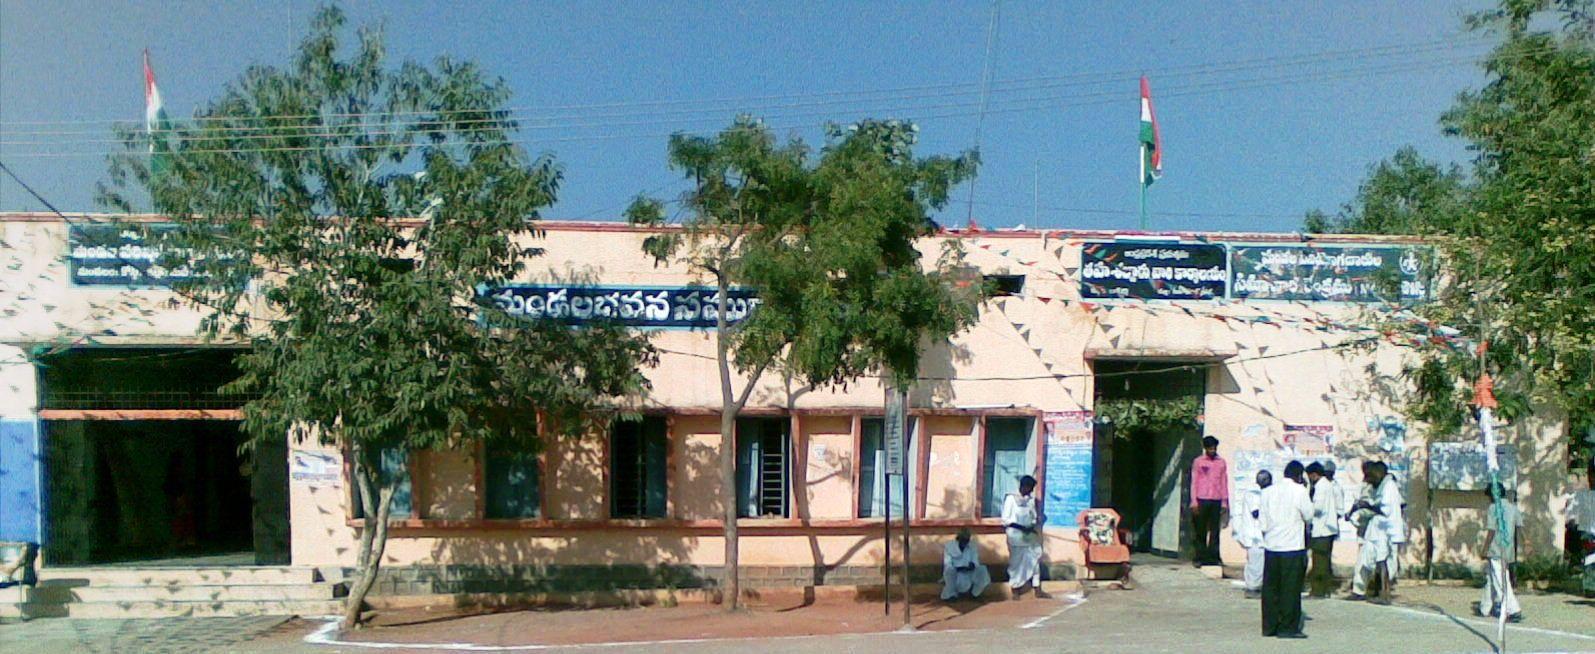 मंडल रेवेनुए कार्यालय